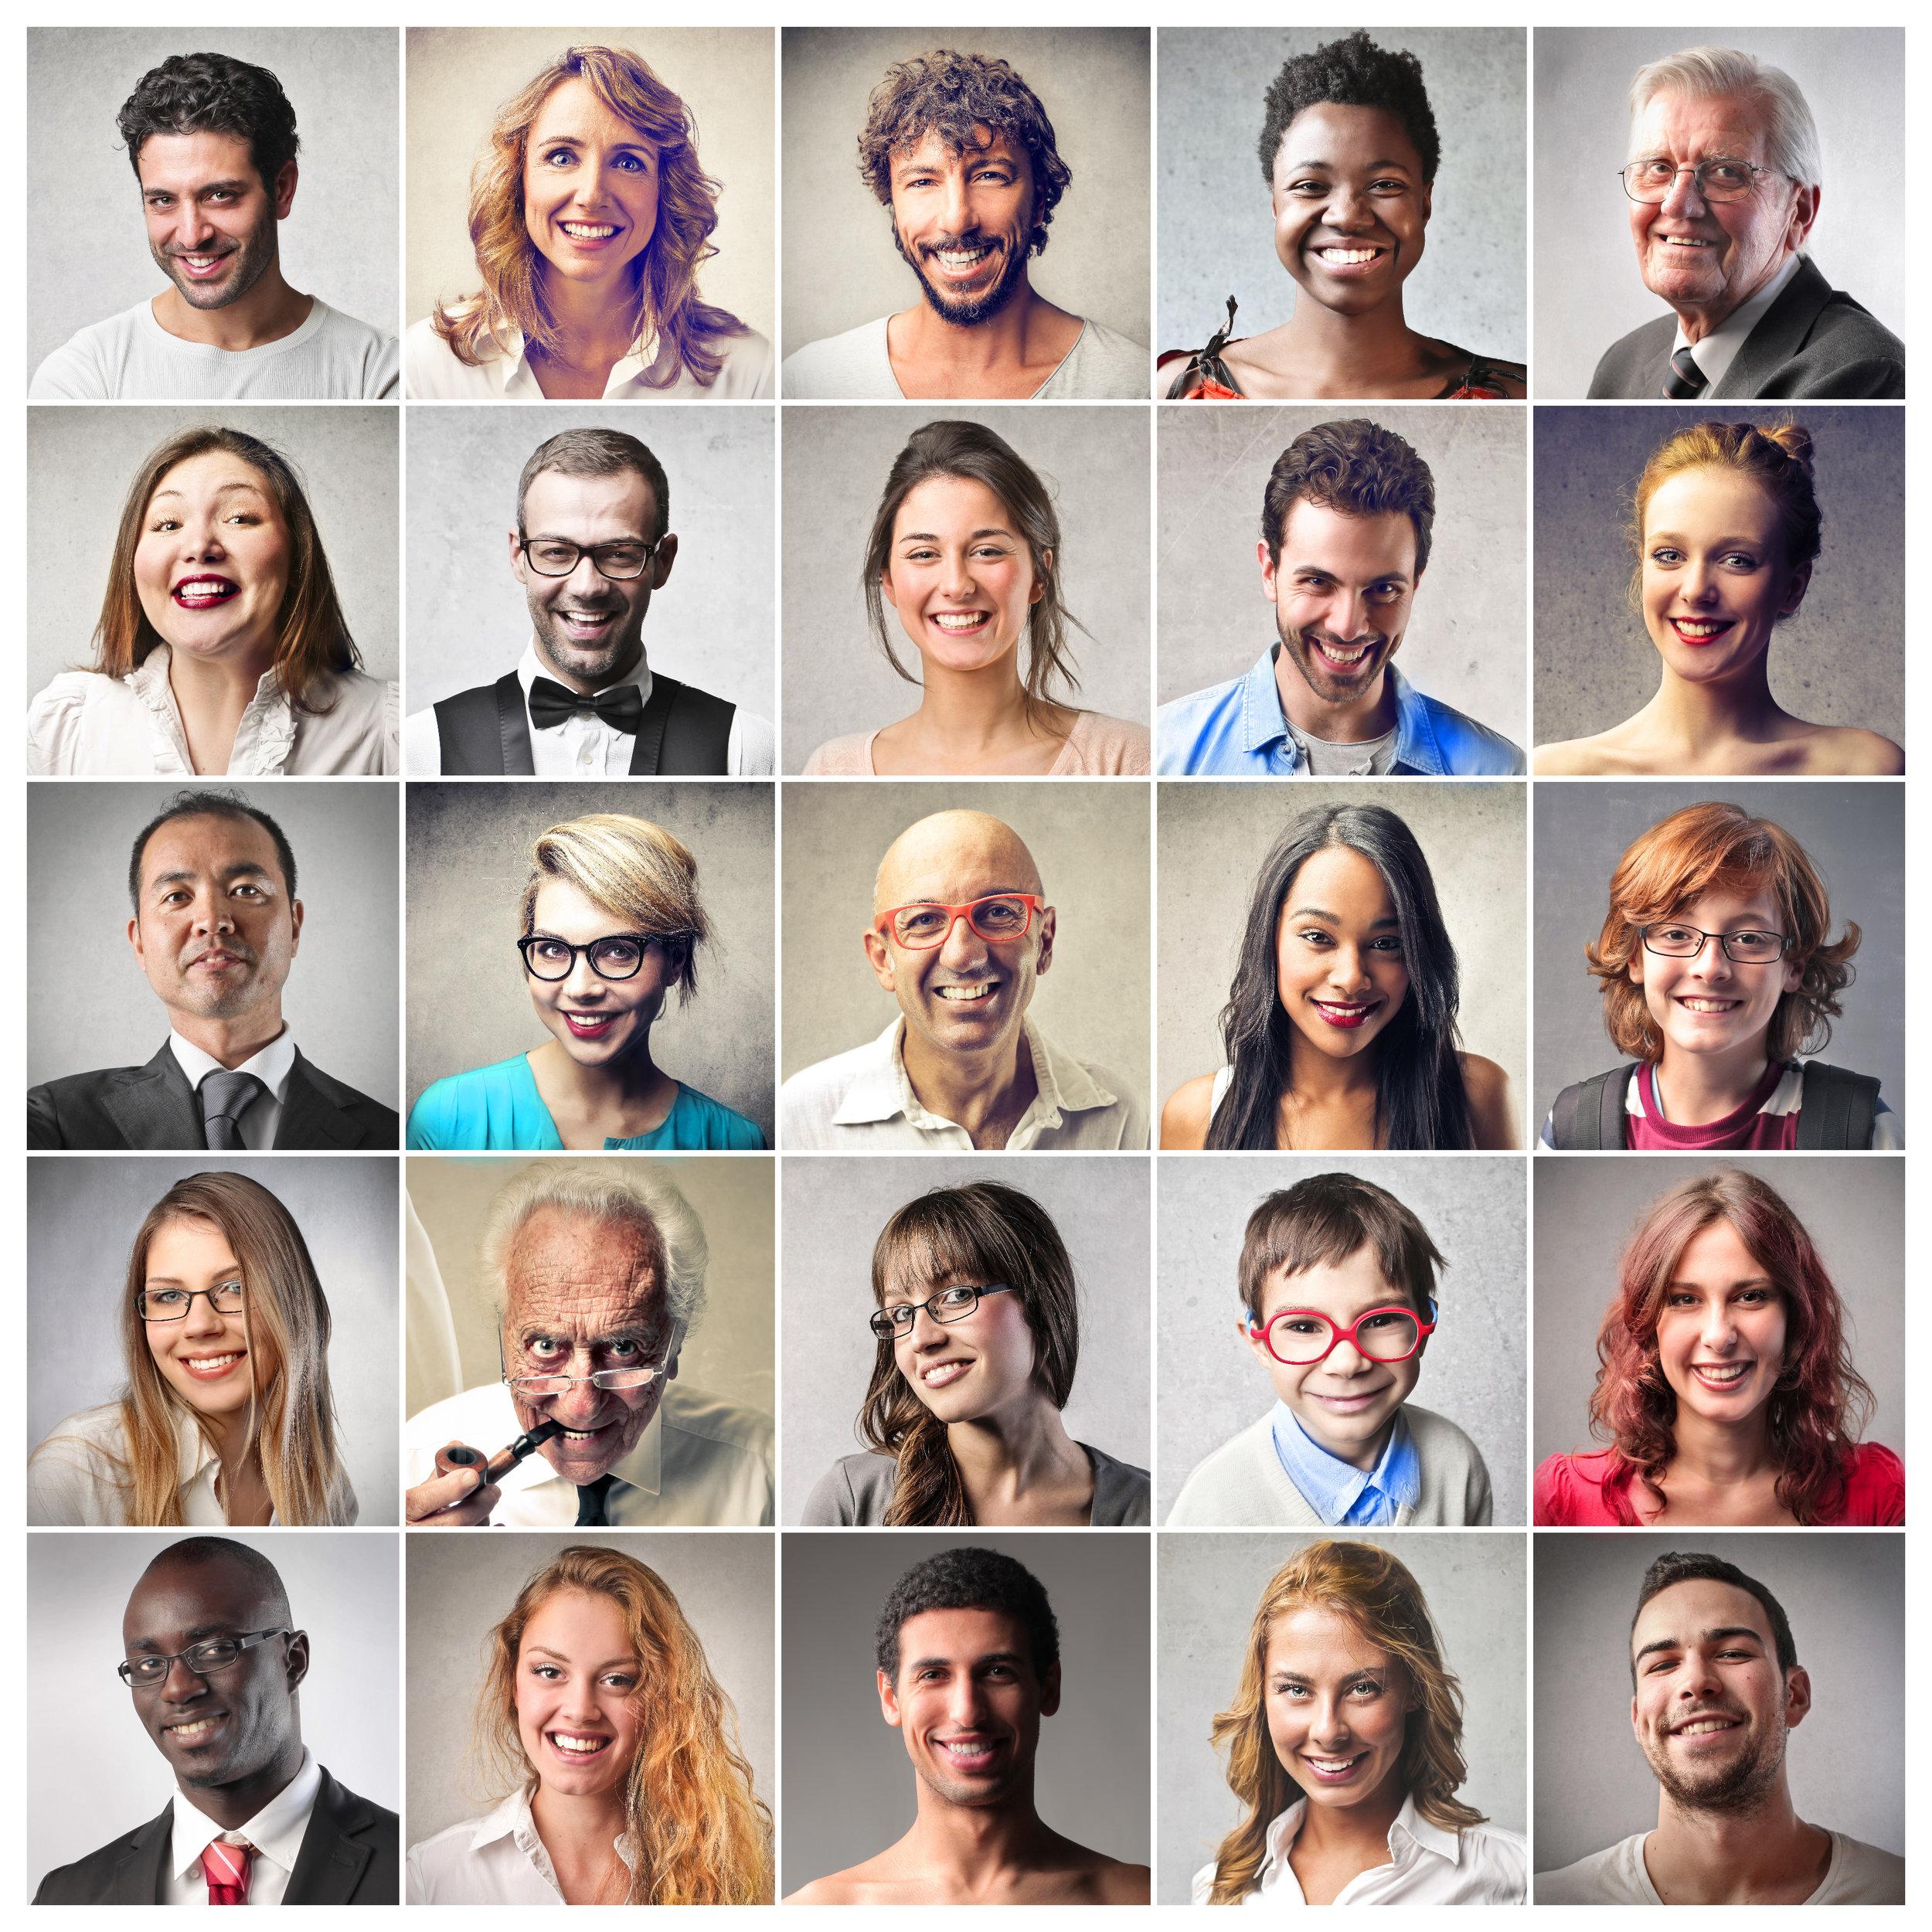 multiethnicfaces